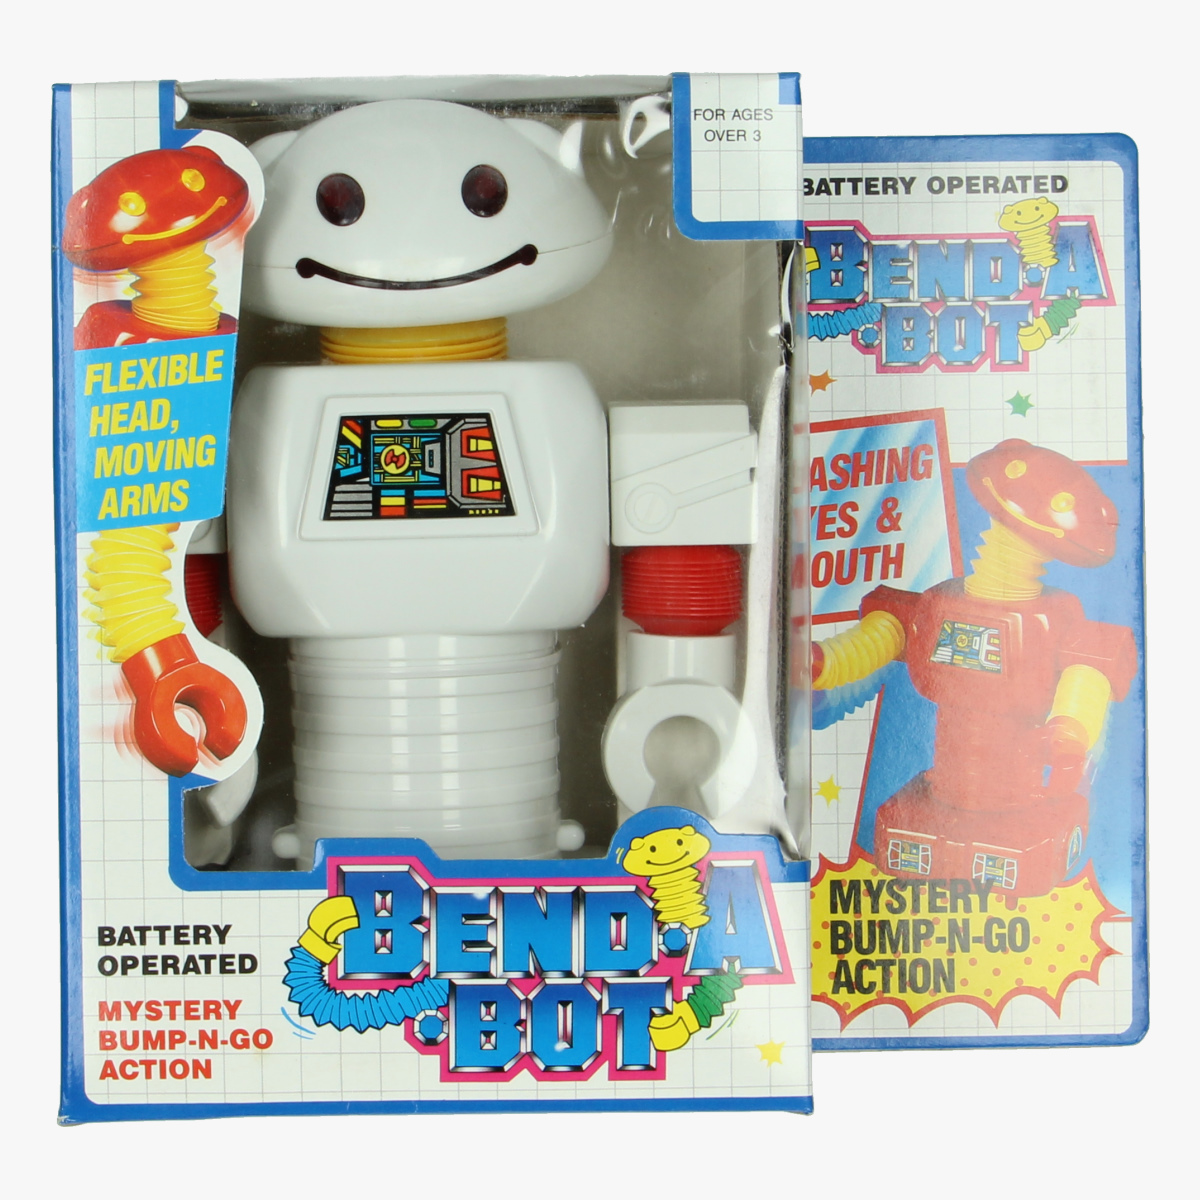 Afbeeldingen van benda bot space bot